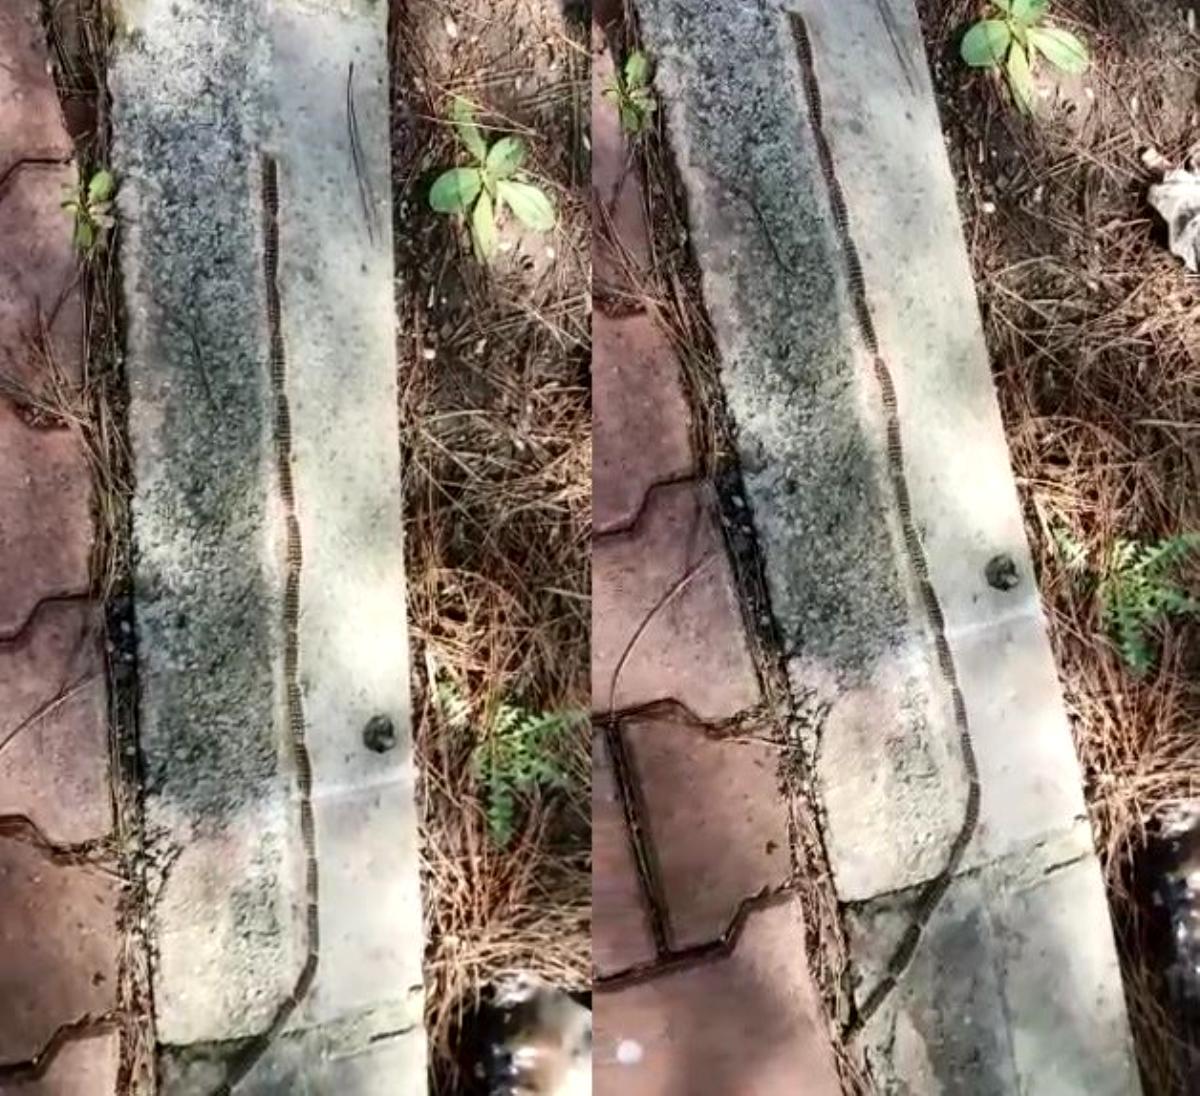 Bu da tırıl konvoyu: Görenler yıllan zannetti